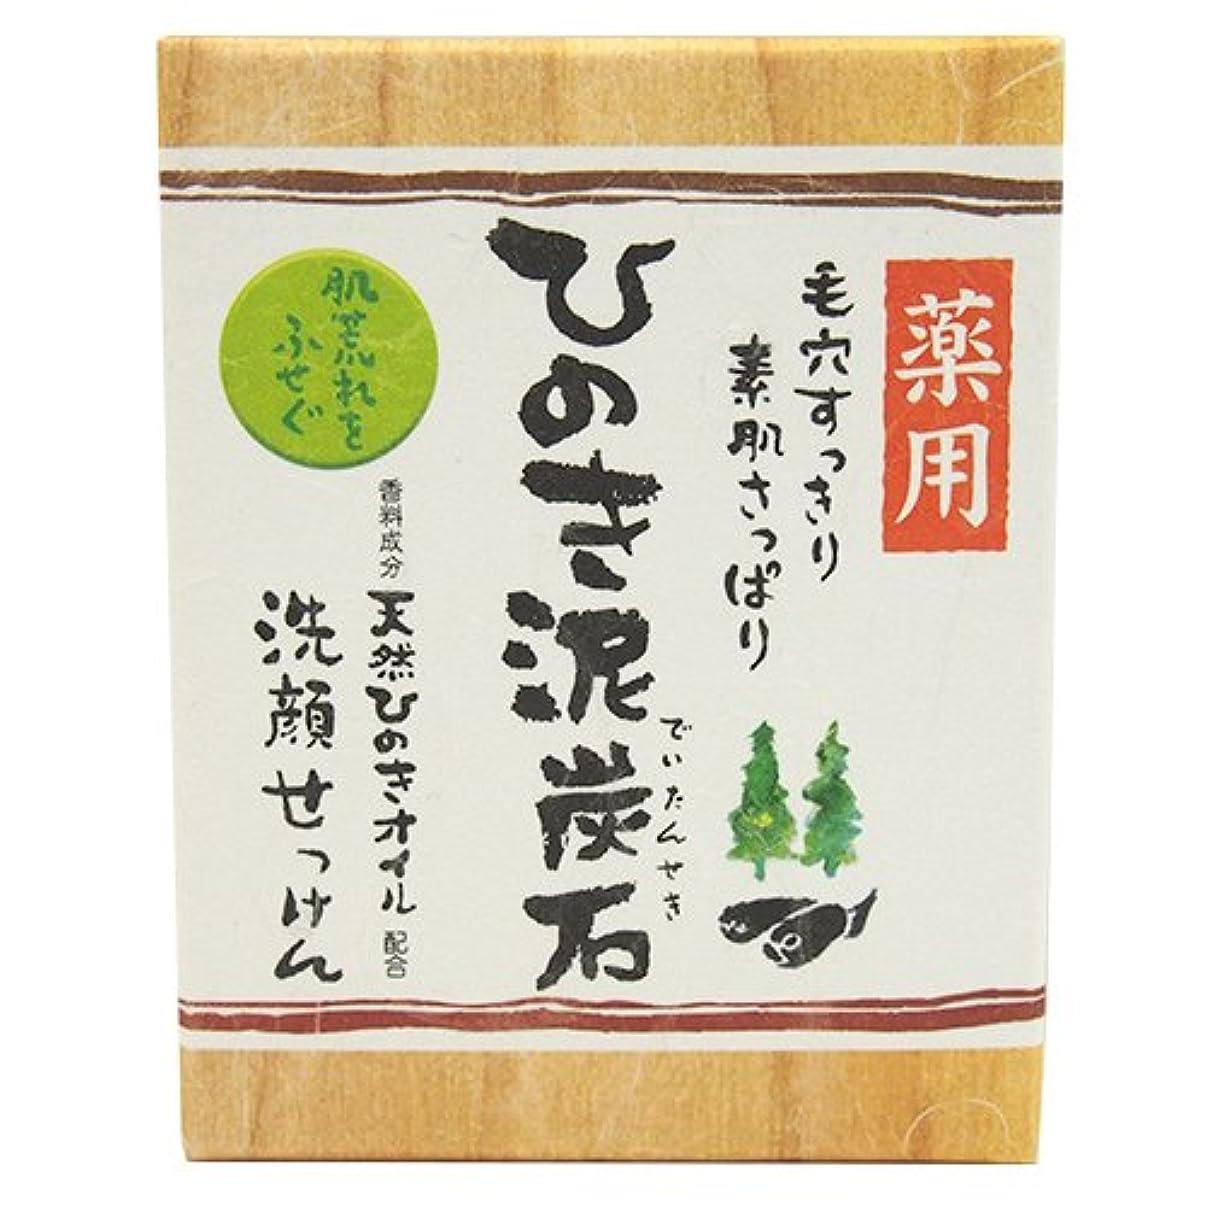 ふける受け入れ怠東京宝 薬用ひのき泥炭石 すっきり黒タイプ 洗顔石鹸 75g